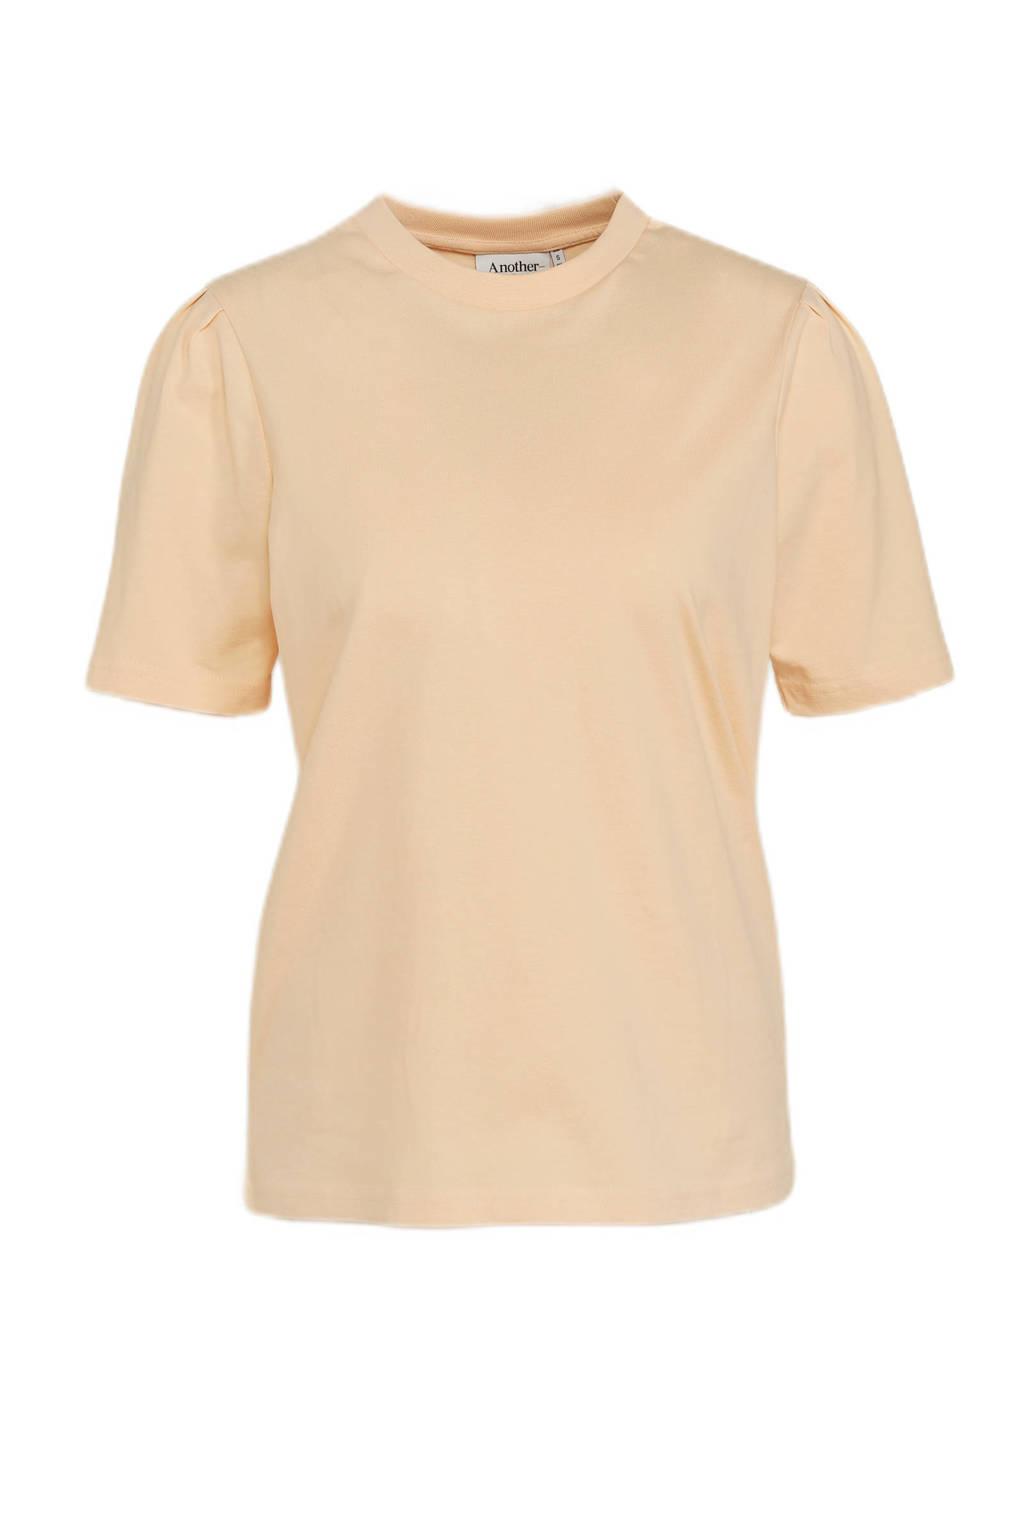 Another-Label T-shirt van biologisch katoen lichtgeel, Lichtgeel